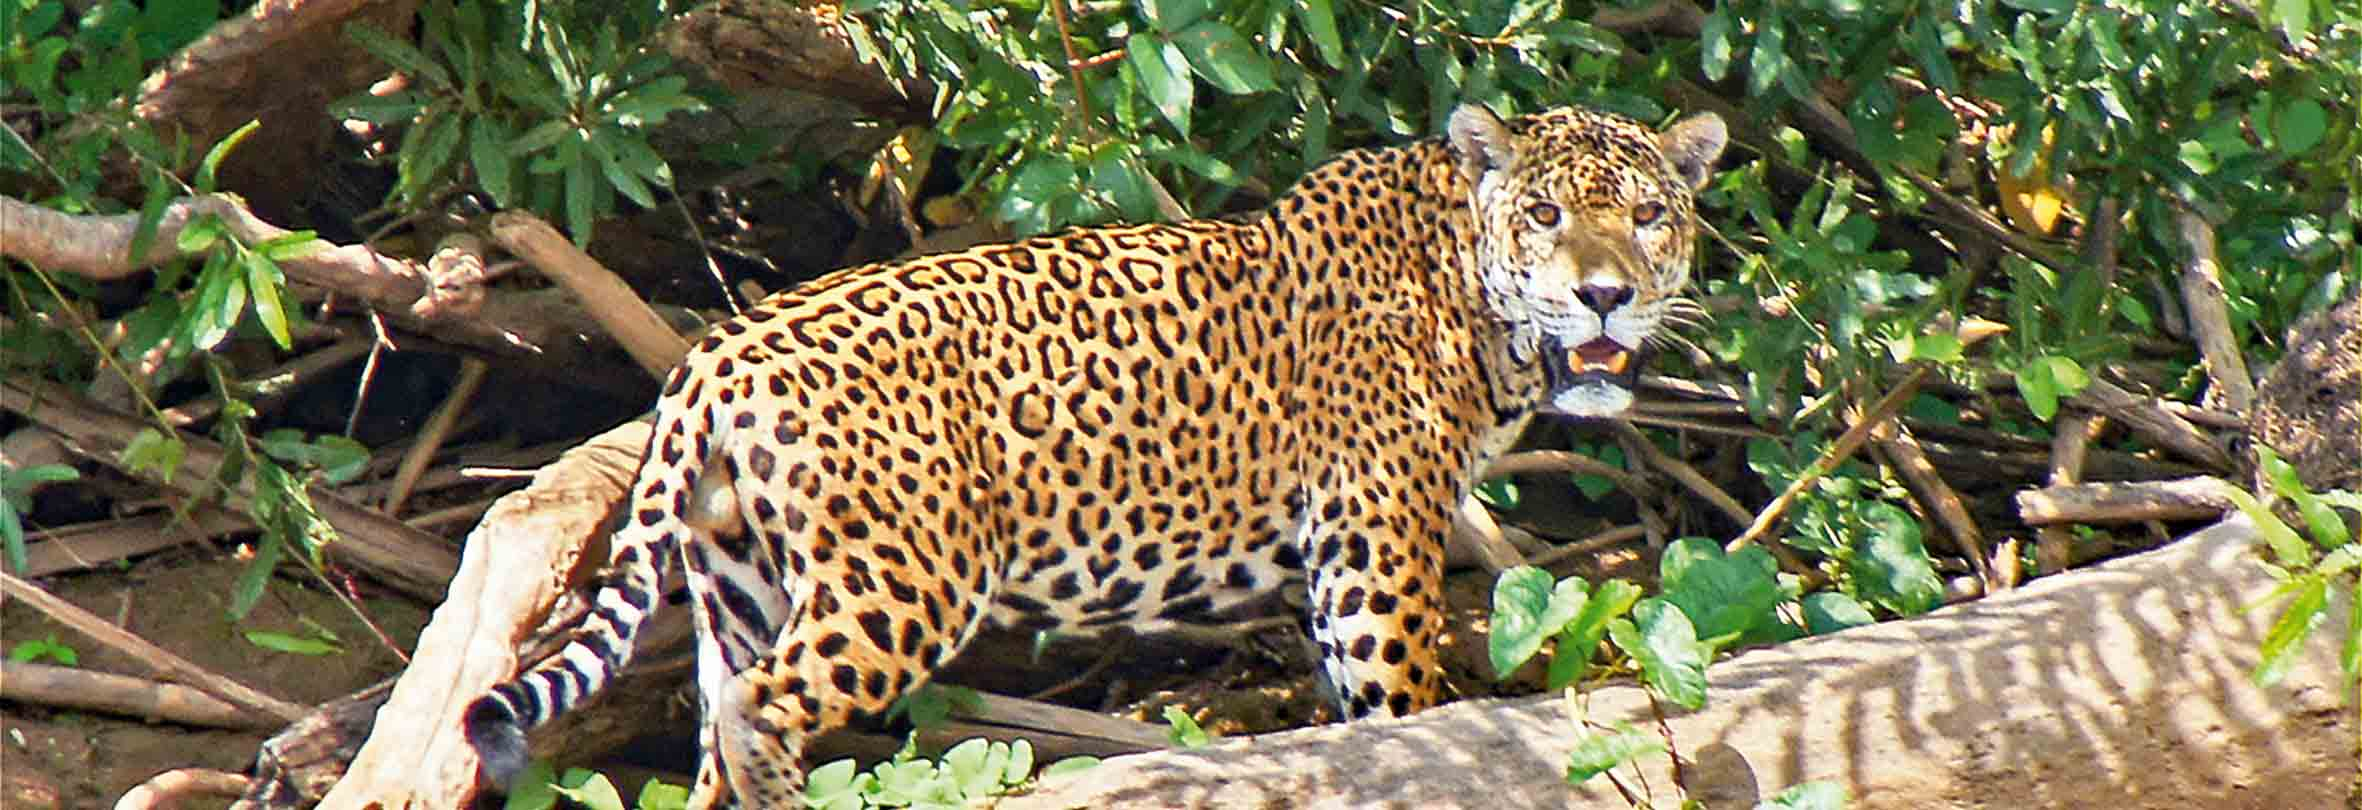 Jaguar-Safari im Pantanal, Brasilien